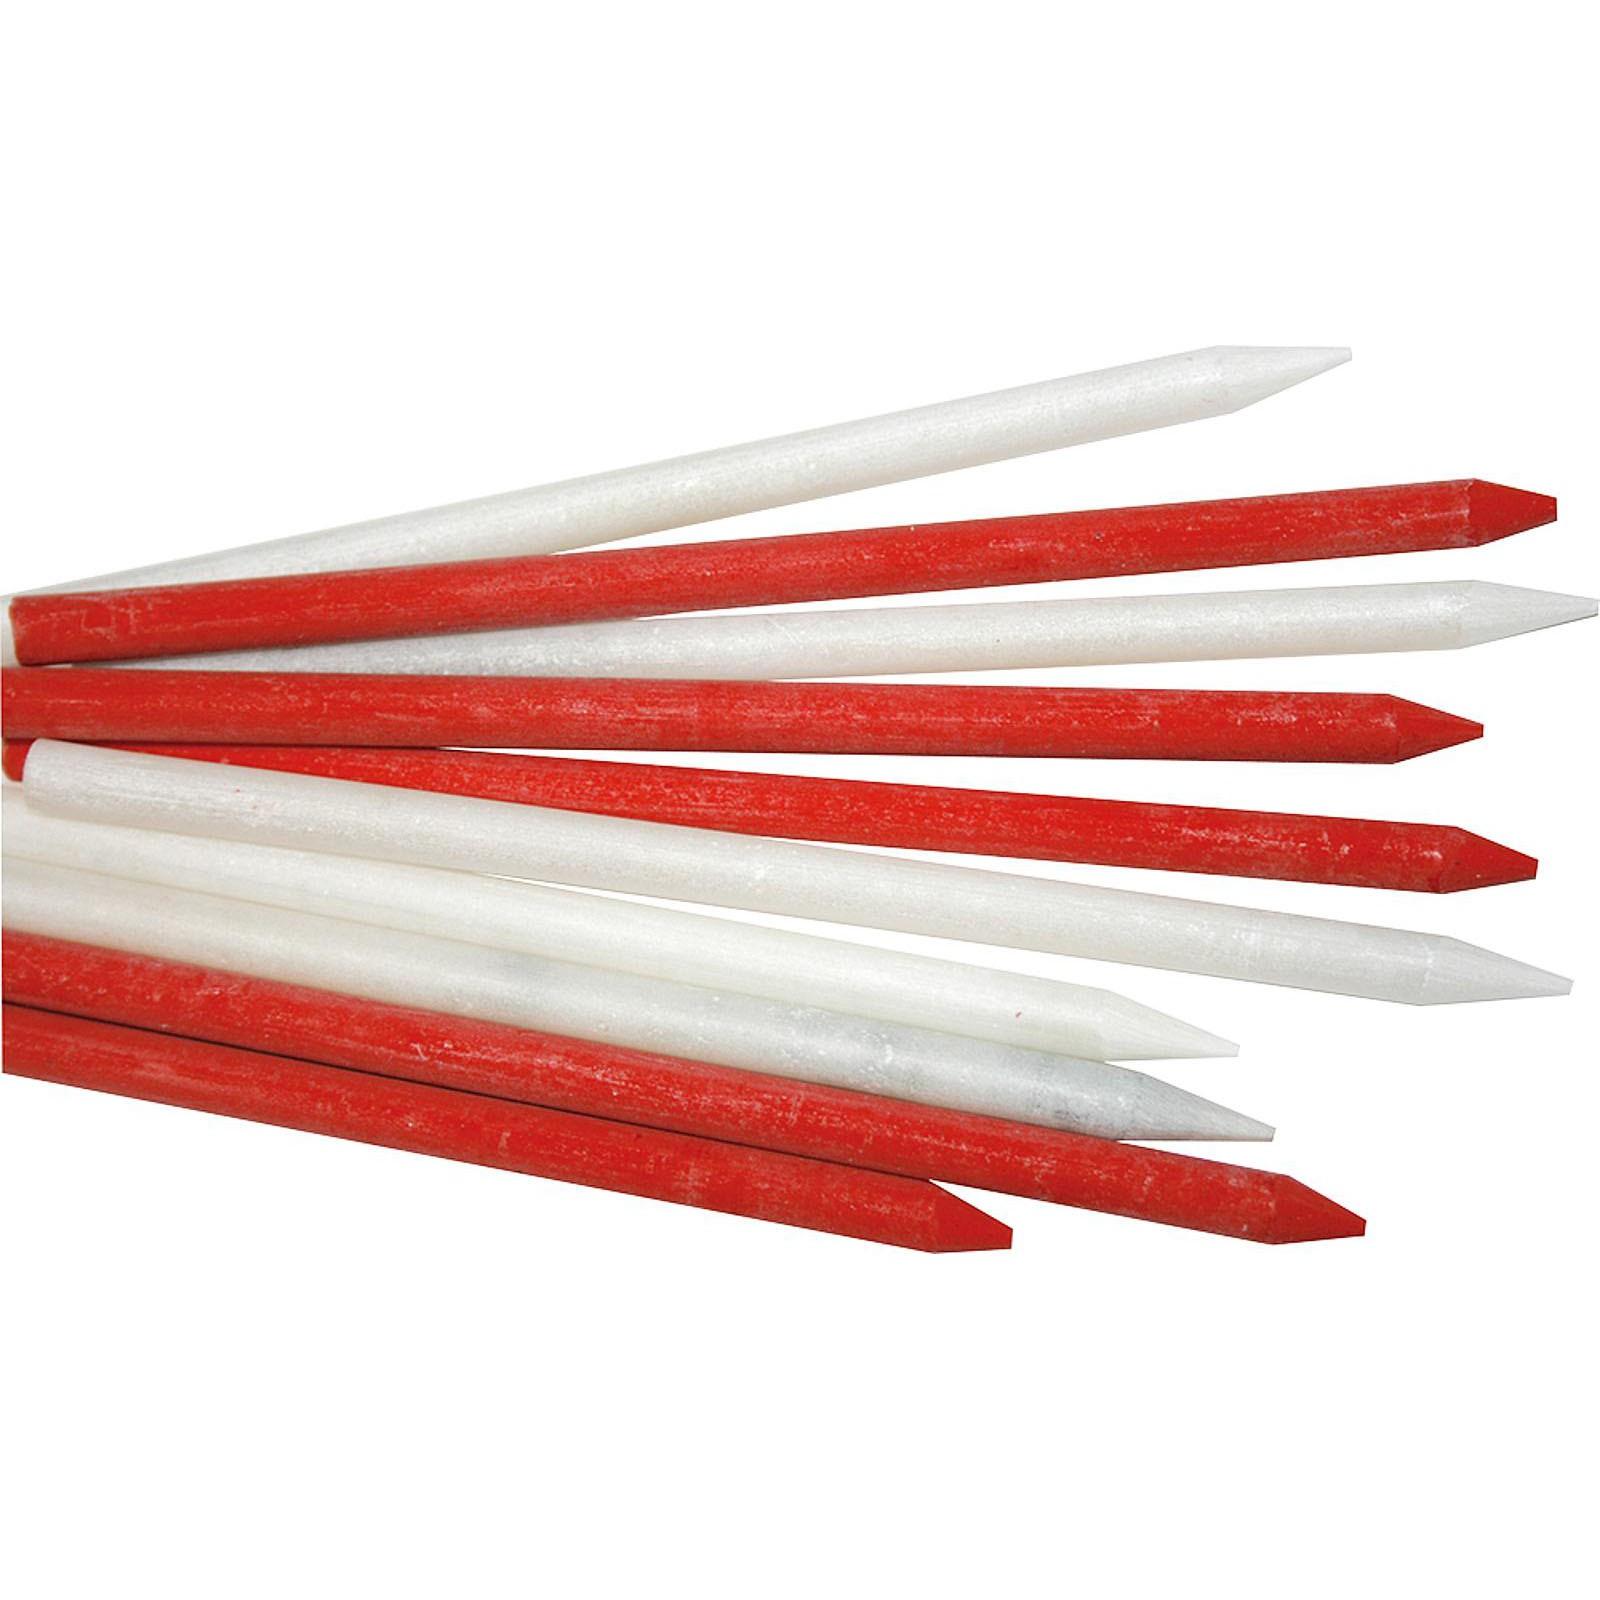 bleispitz schwei marker markierstift markierungsstifte rot wei 17 teilig ebay. Black Bedroom Furniture Sets. Home Design Ideas